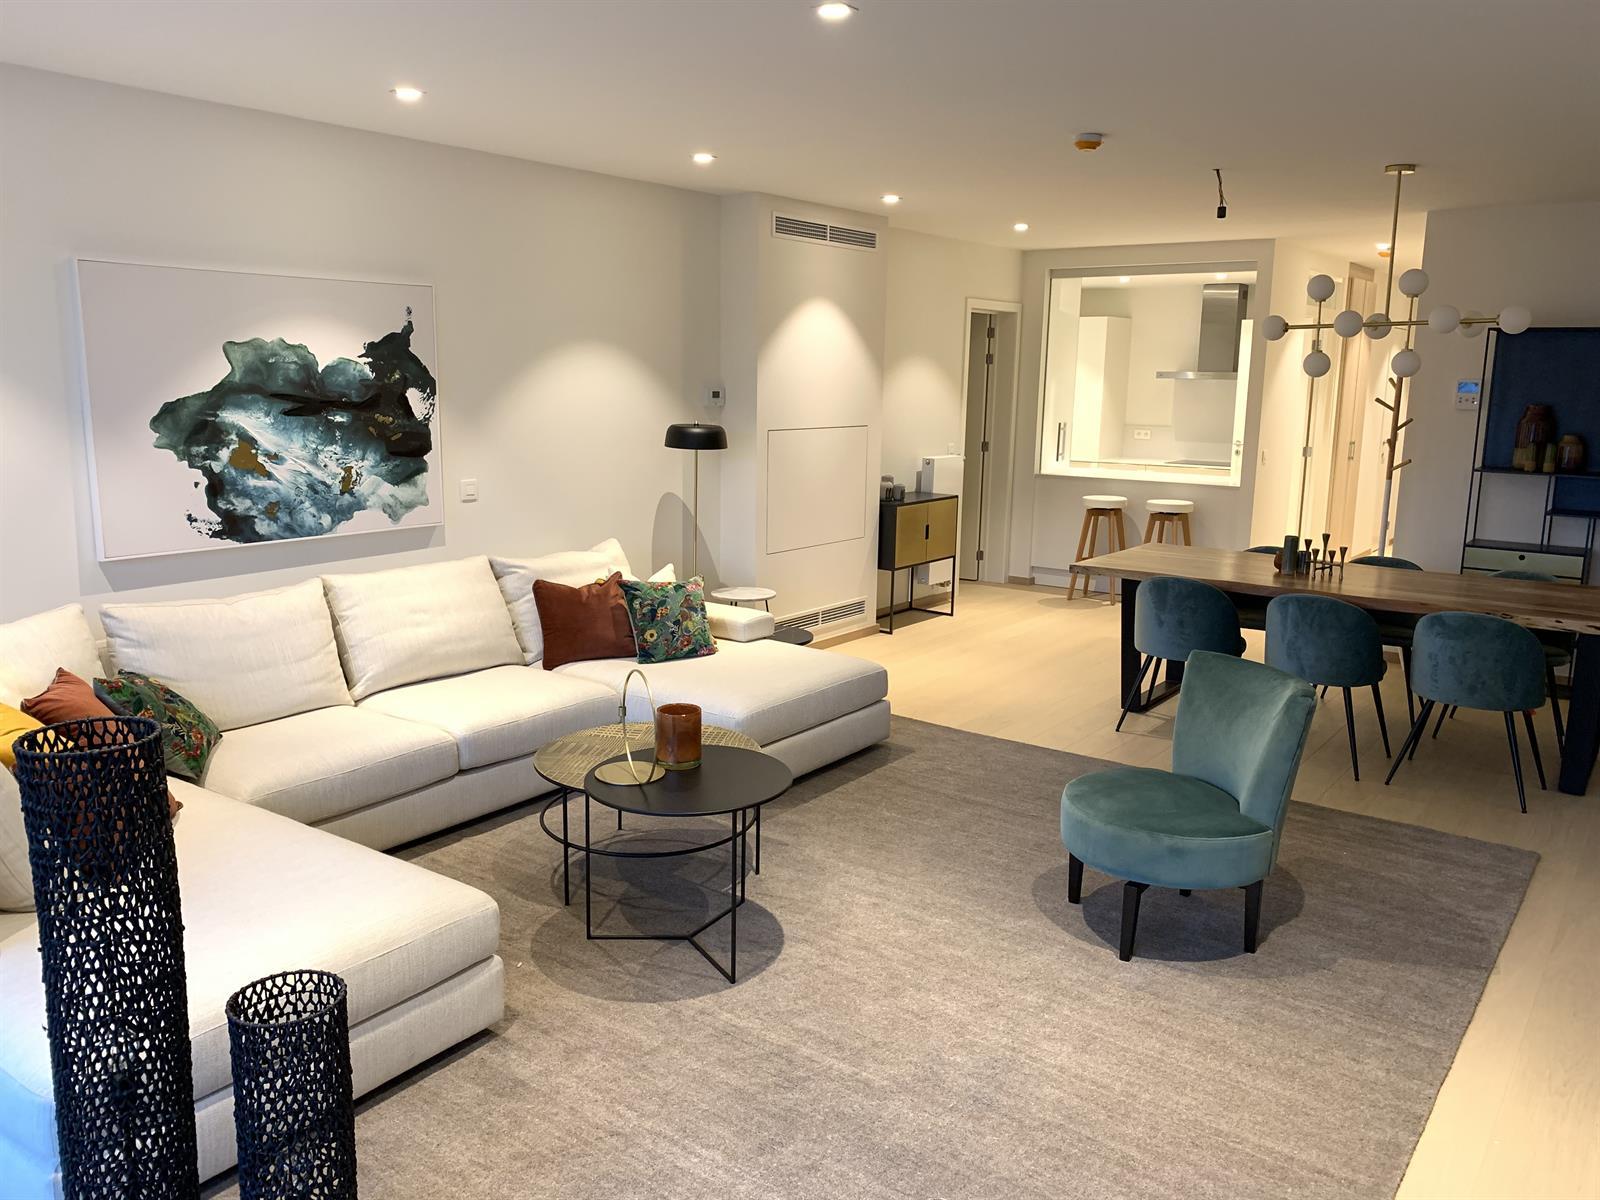 Appartement exceptionnel - Ixelles - #3929618-1